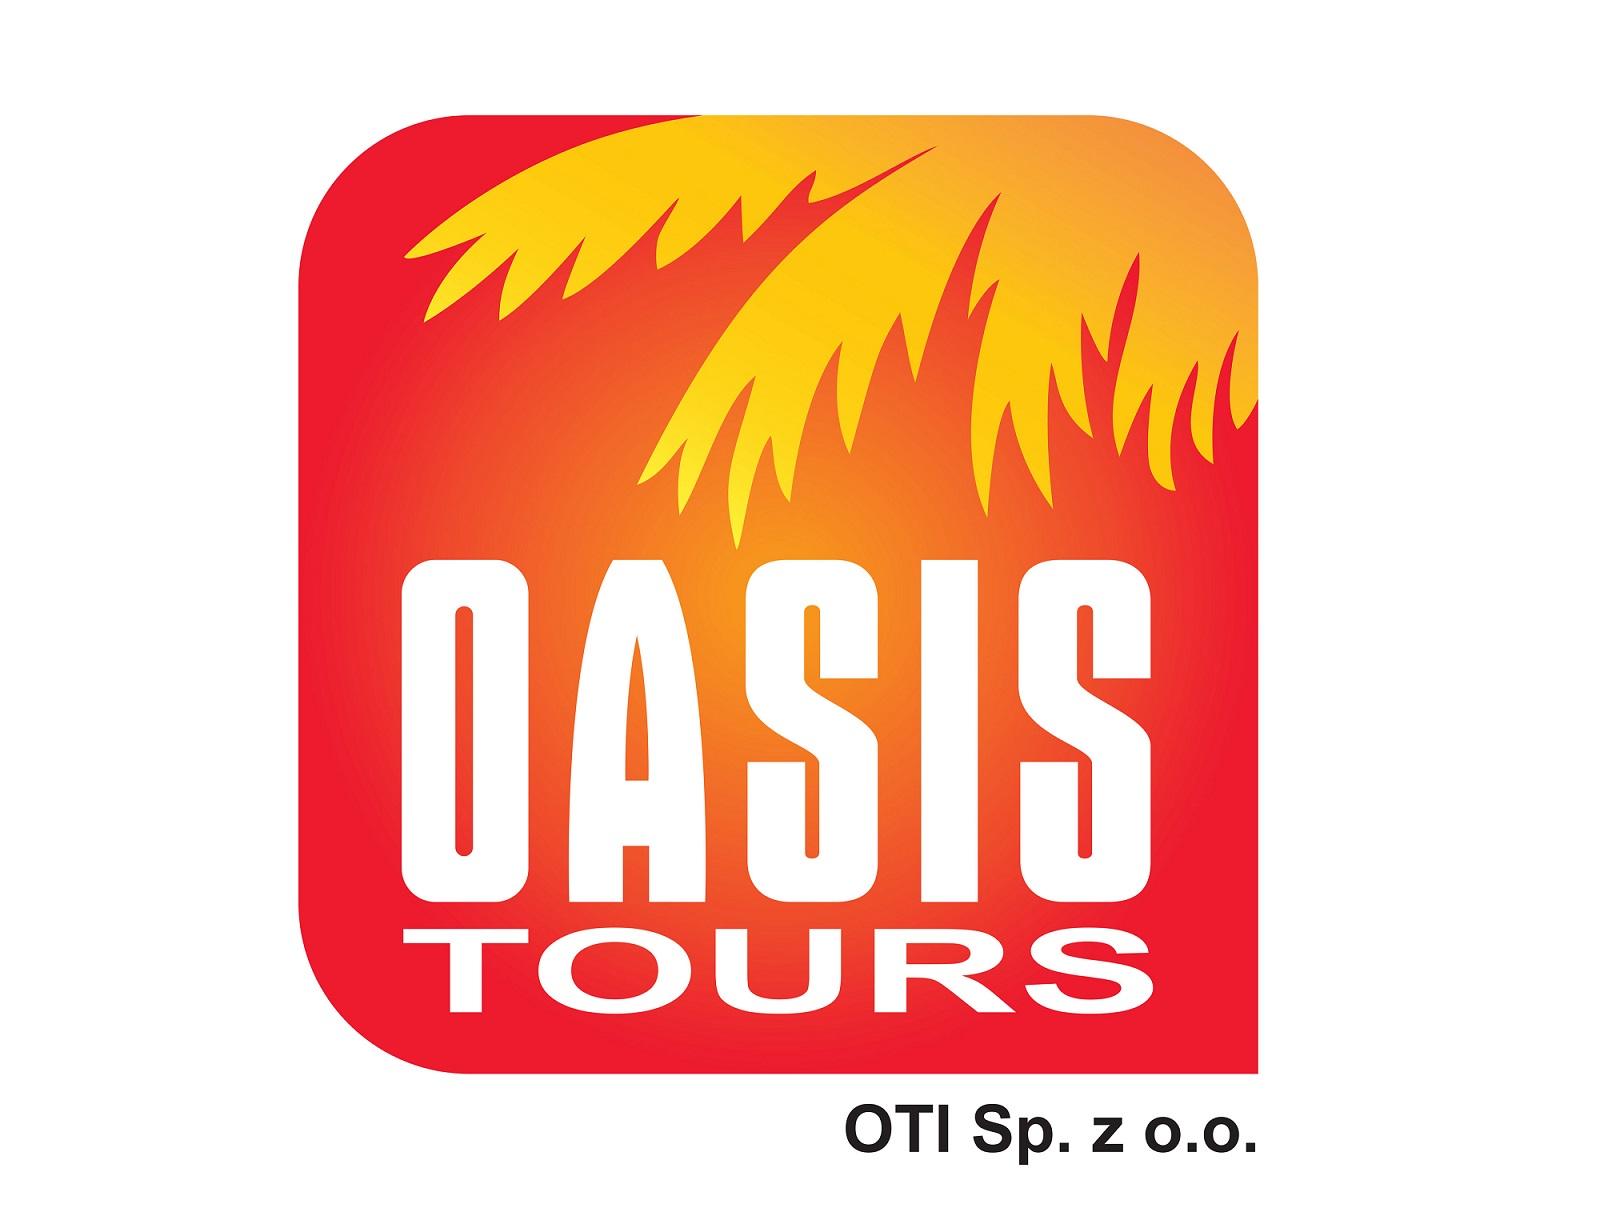 logo biura oasis_tours którego oferty dostepne są w biurze OdraTravel w Szczecinie